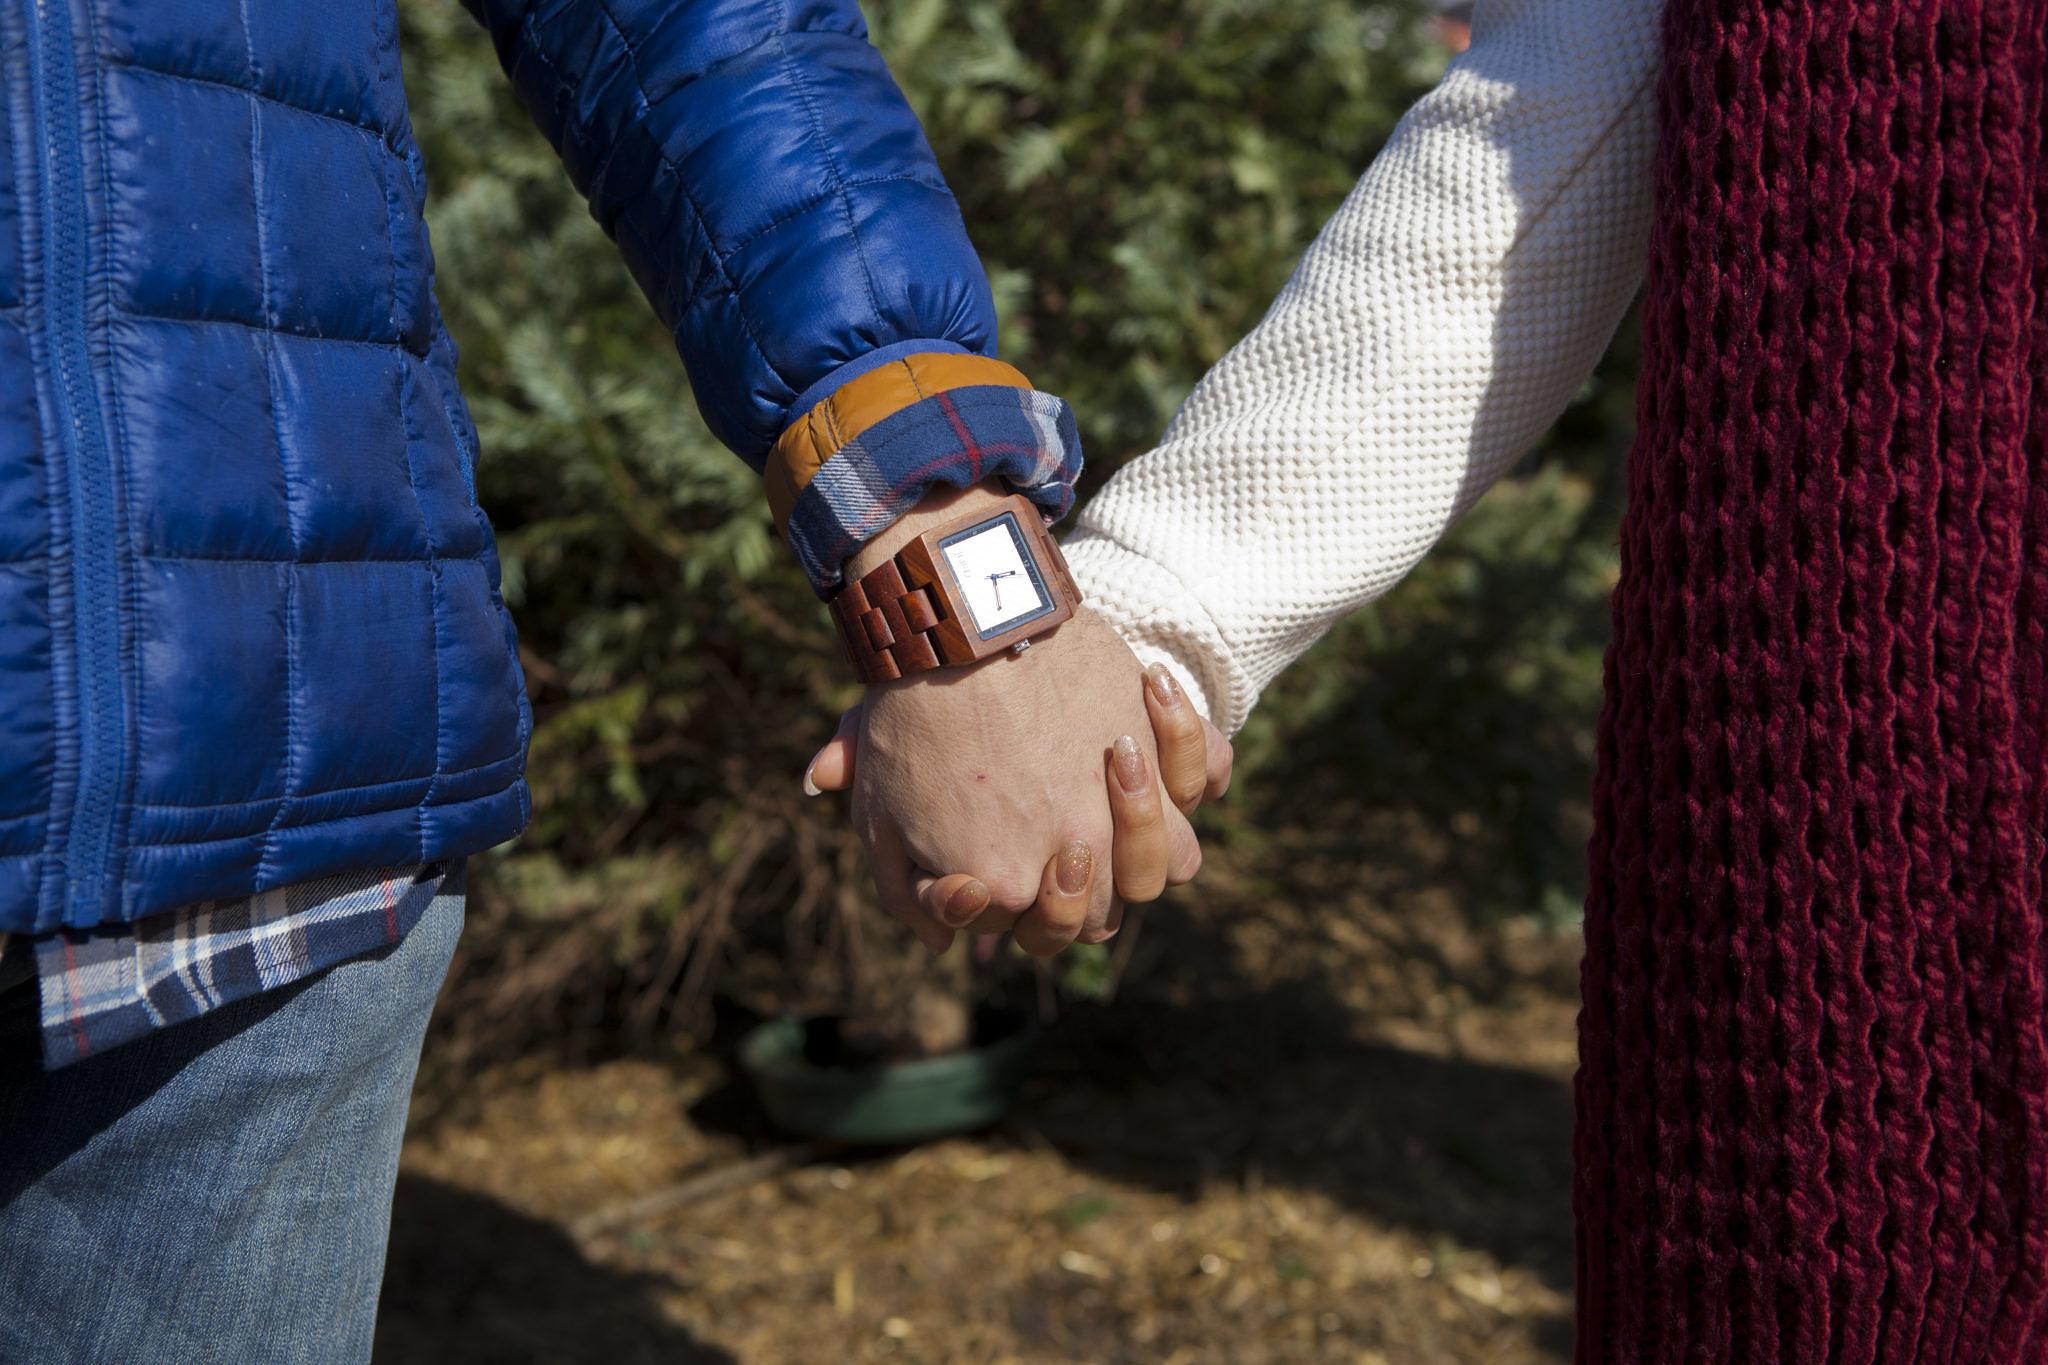 tothineownstylebetrue-jord-wood-watches-2